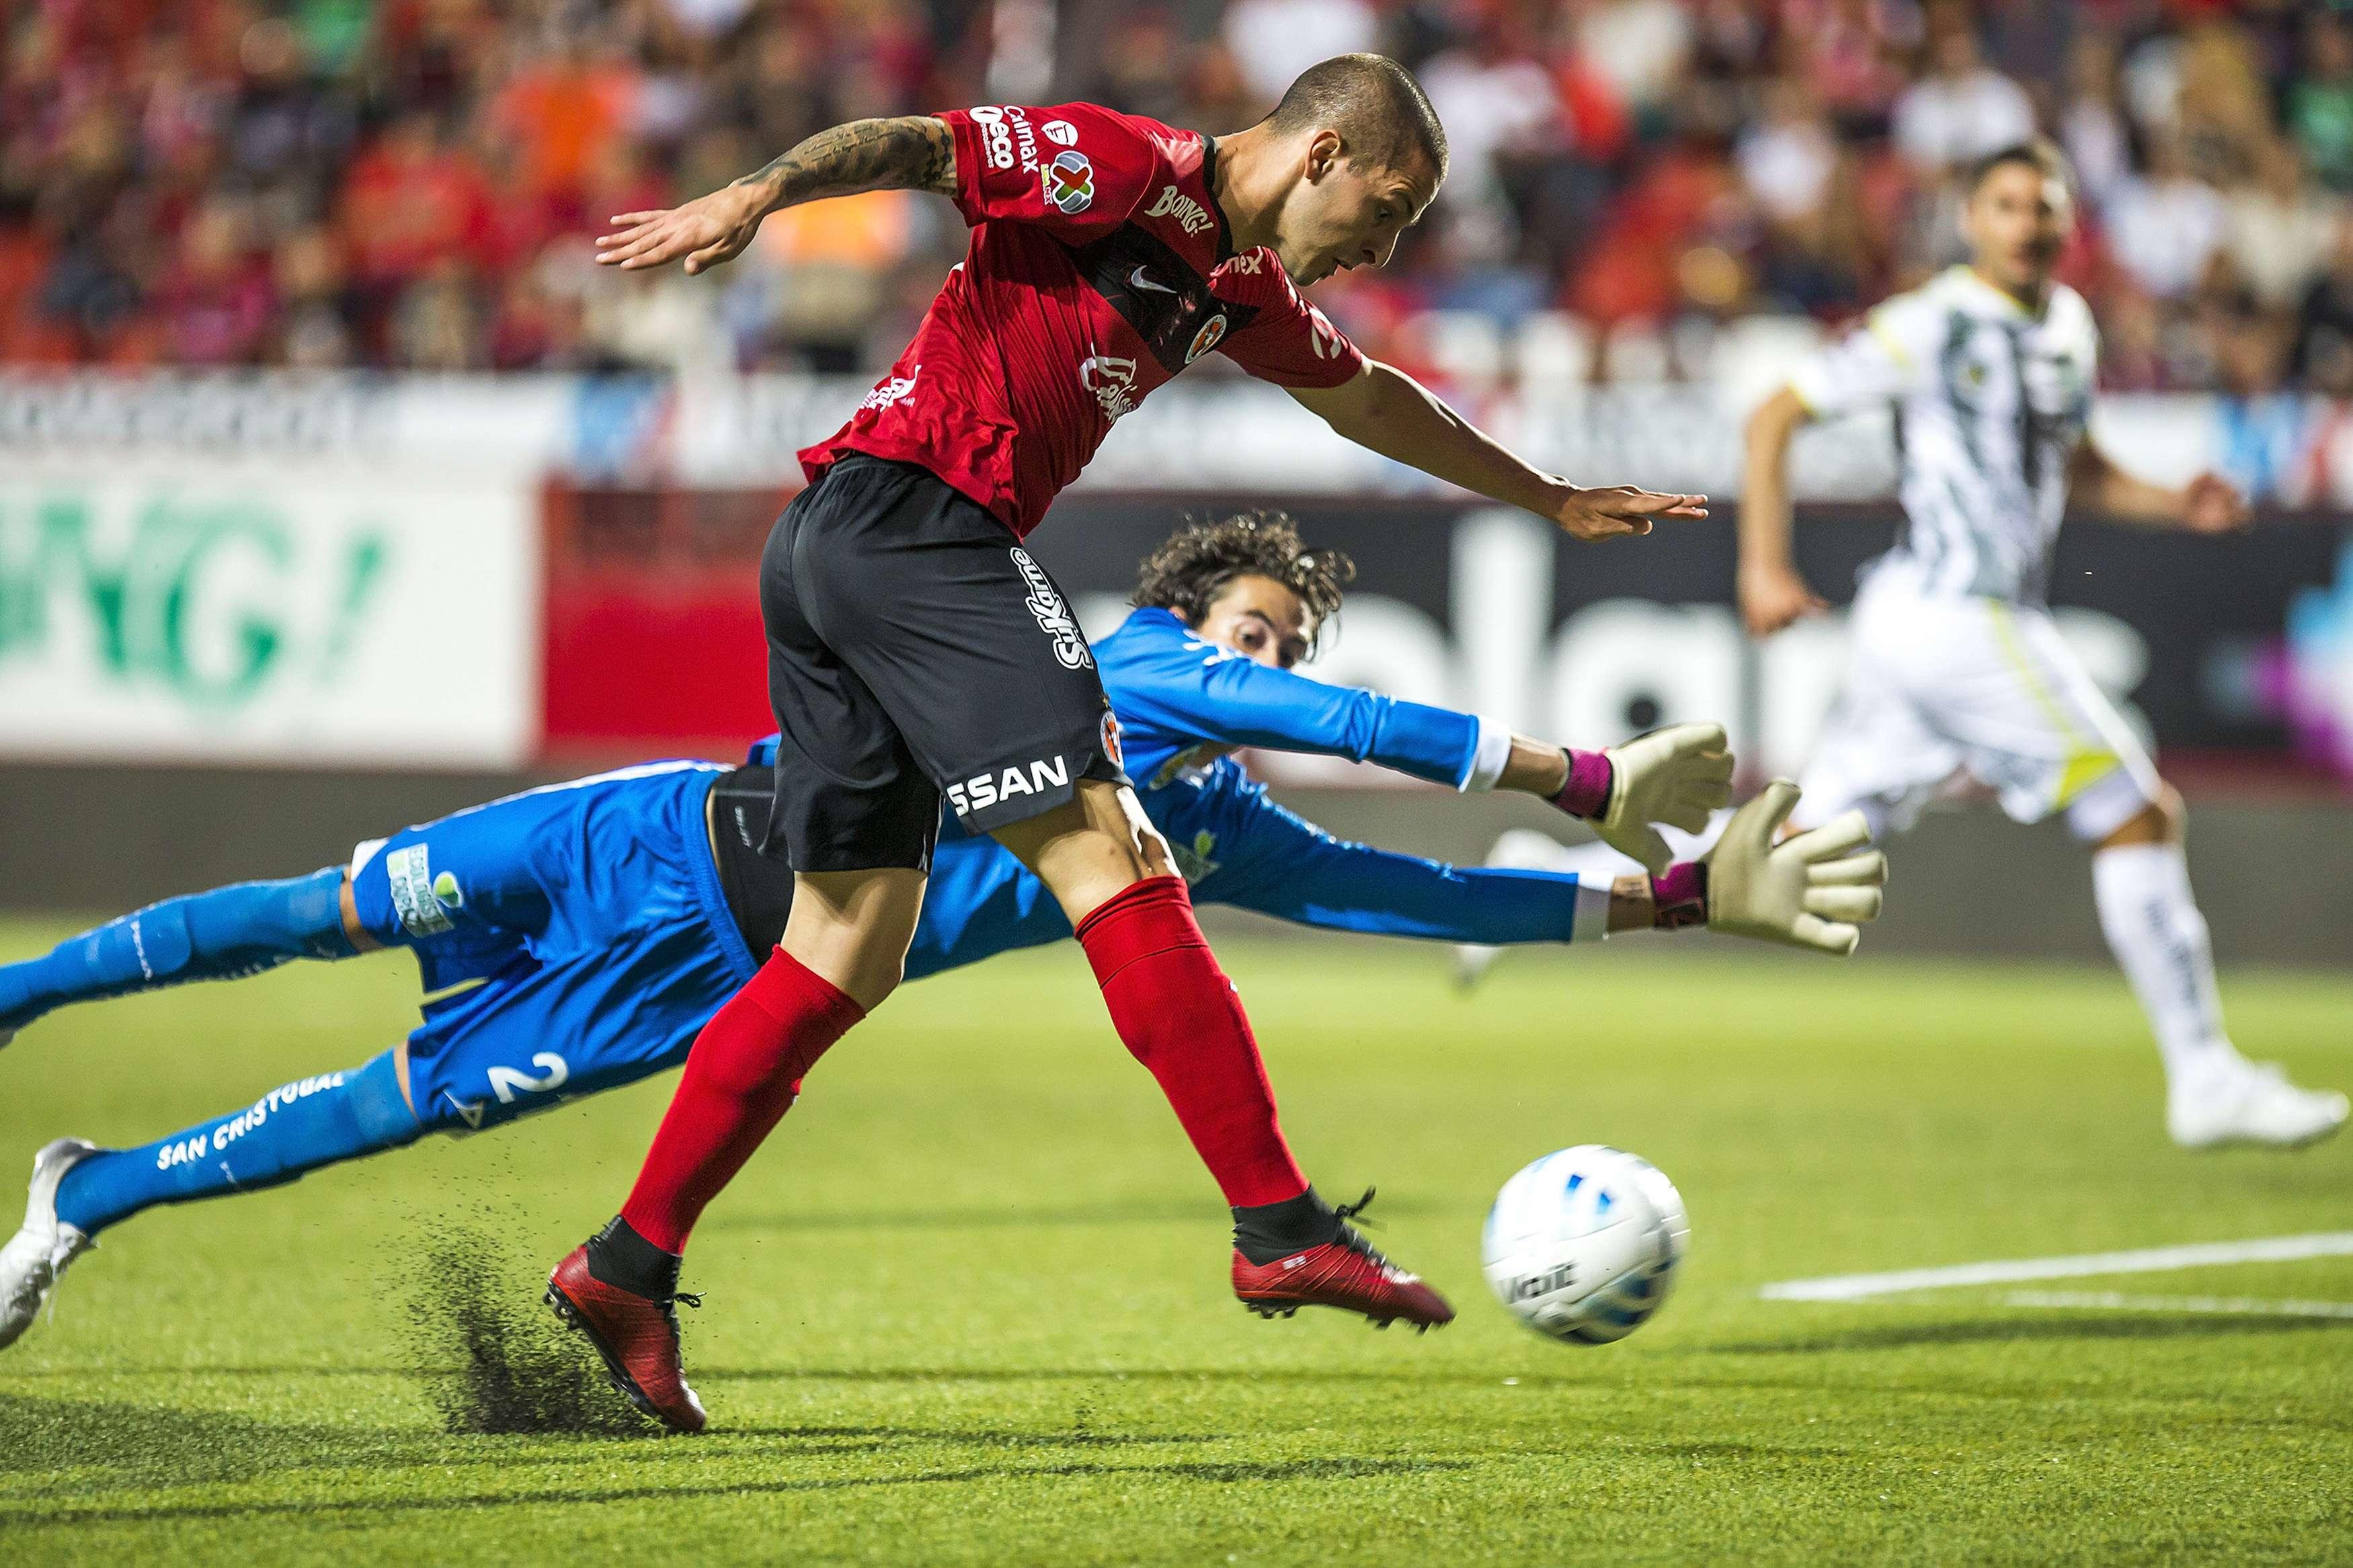 Luego de un mal arranque de torneo, Xolos de Tijuana venció 2-0 a Jaguares con par de goles de Darío Benedetto y por fin ganó en el Apertura 2014, en duelo celebrado en el estadio Caliente correspondiente a la jornada 5. Foto: Mexsport